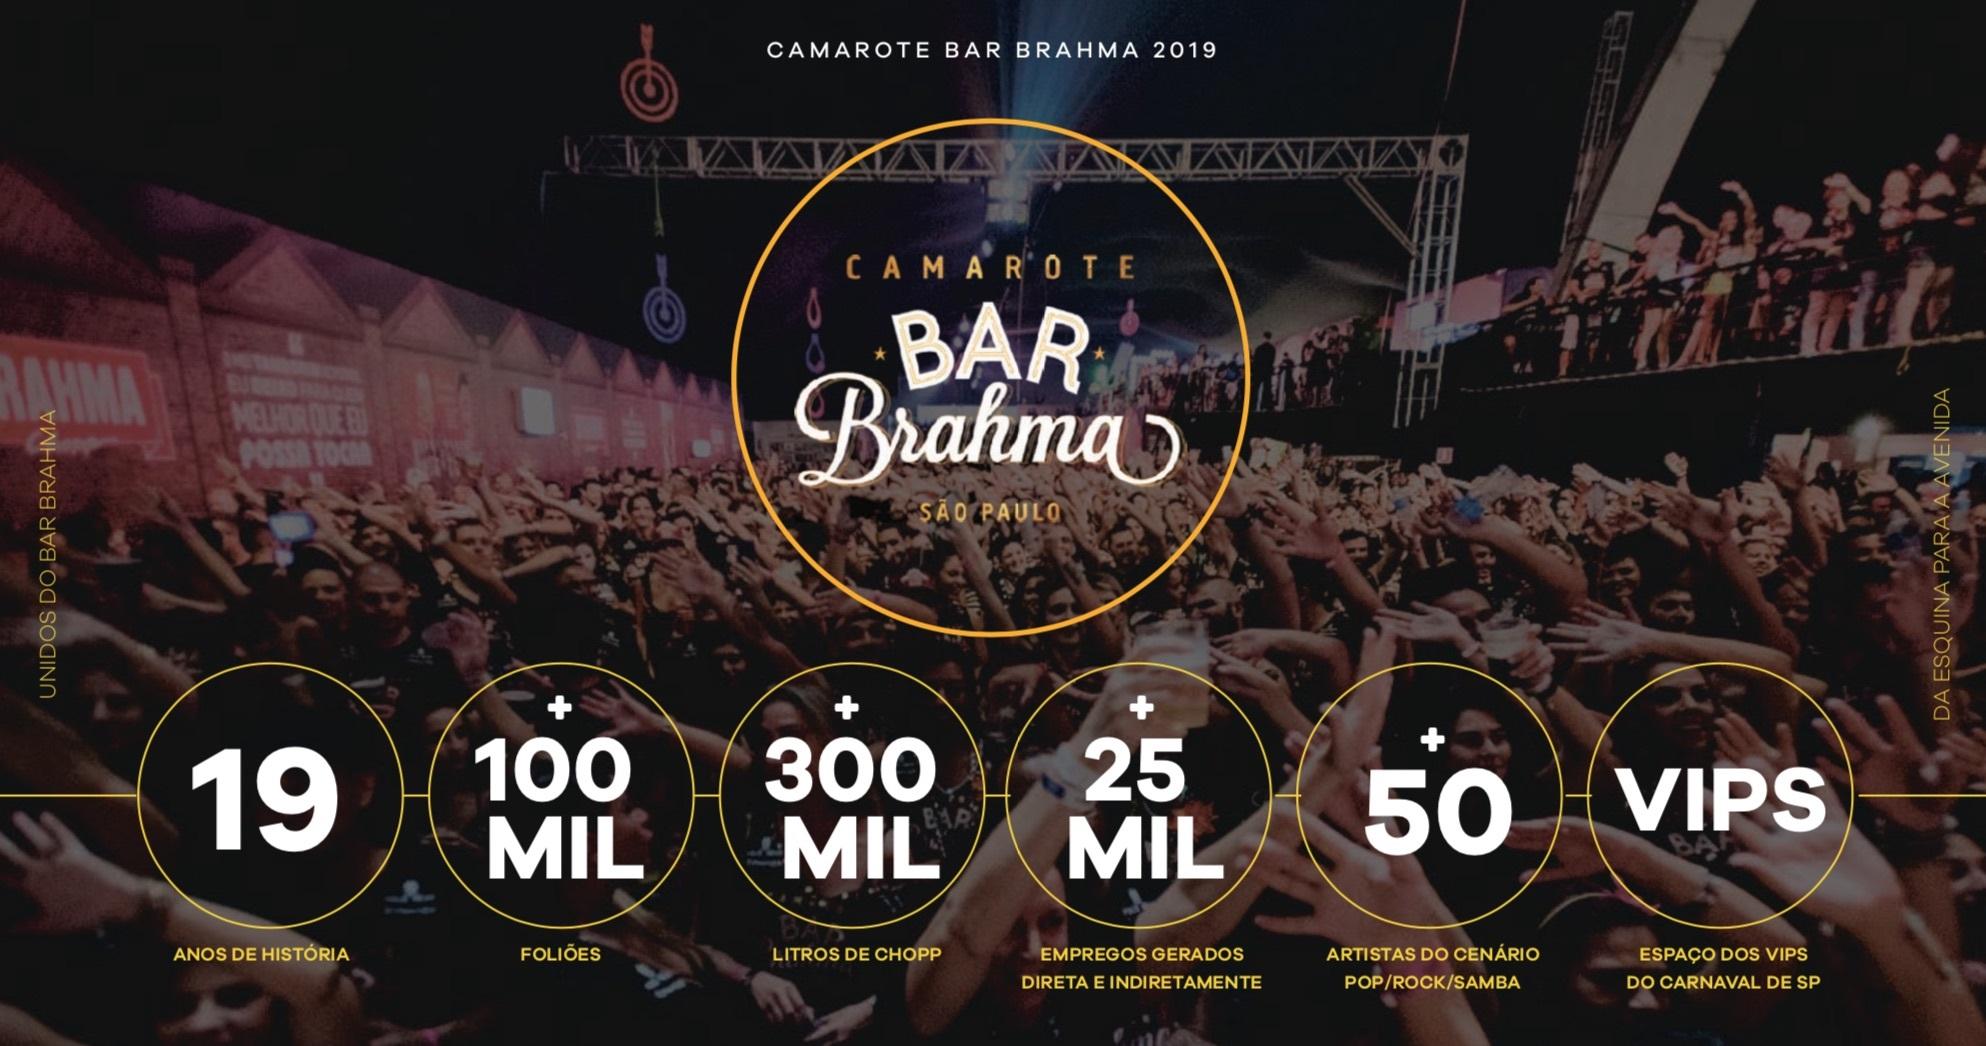 CAMAROTE BAR BRAHMA DÁ SEU GRITO  DE CARNAVAL NO ANIVERSÁRIO DE SÃO PAULO 41